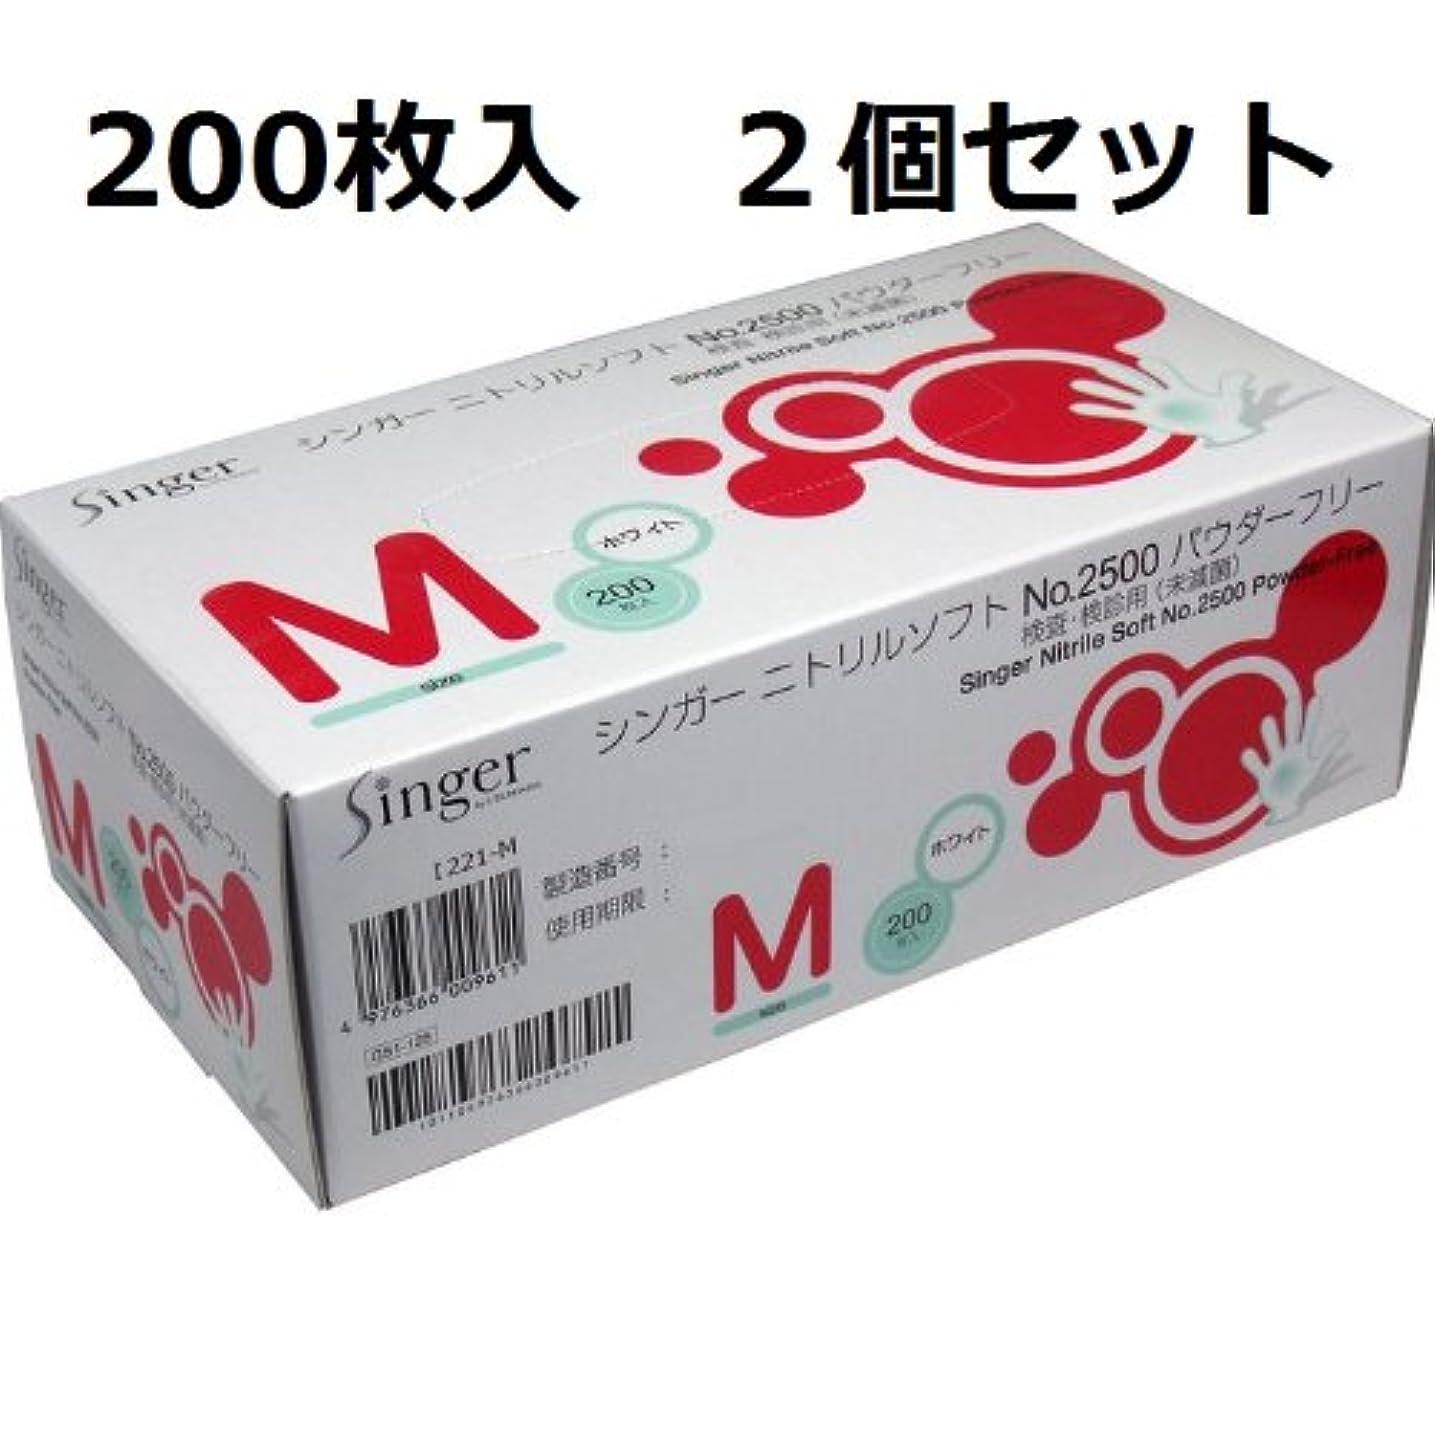 ロードブロッキング殺人冷淡な一般医療機器 非天然ゴム製検査 検診用手袋 Mサイズ 200枚入 2個セット